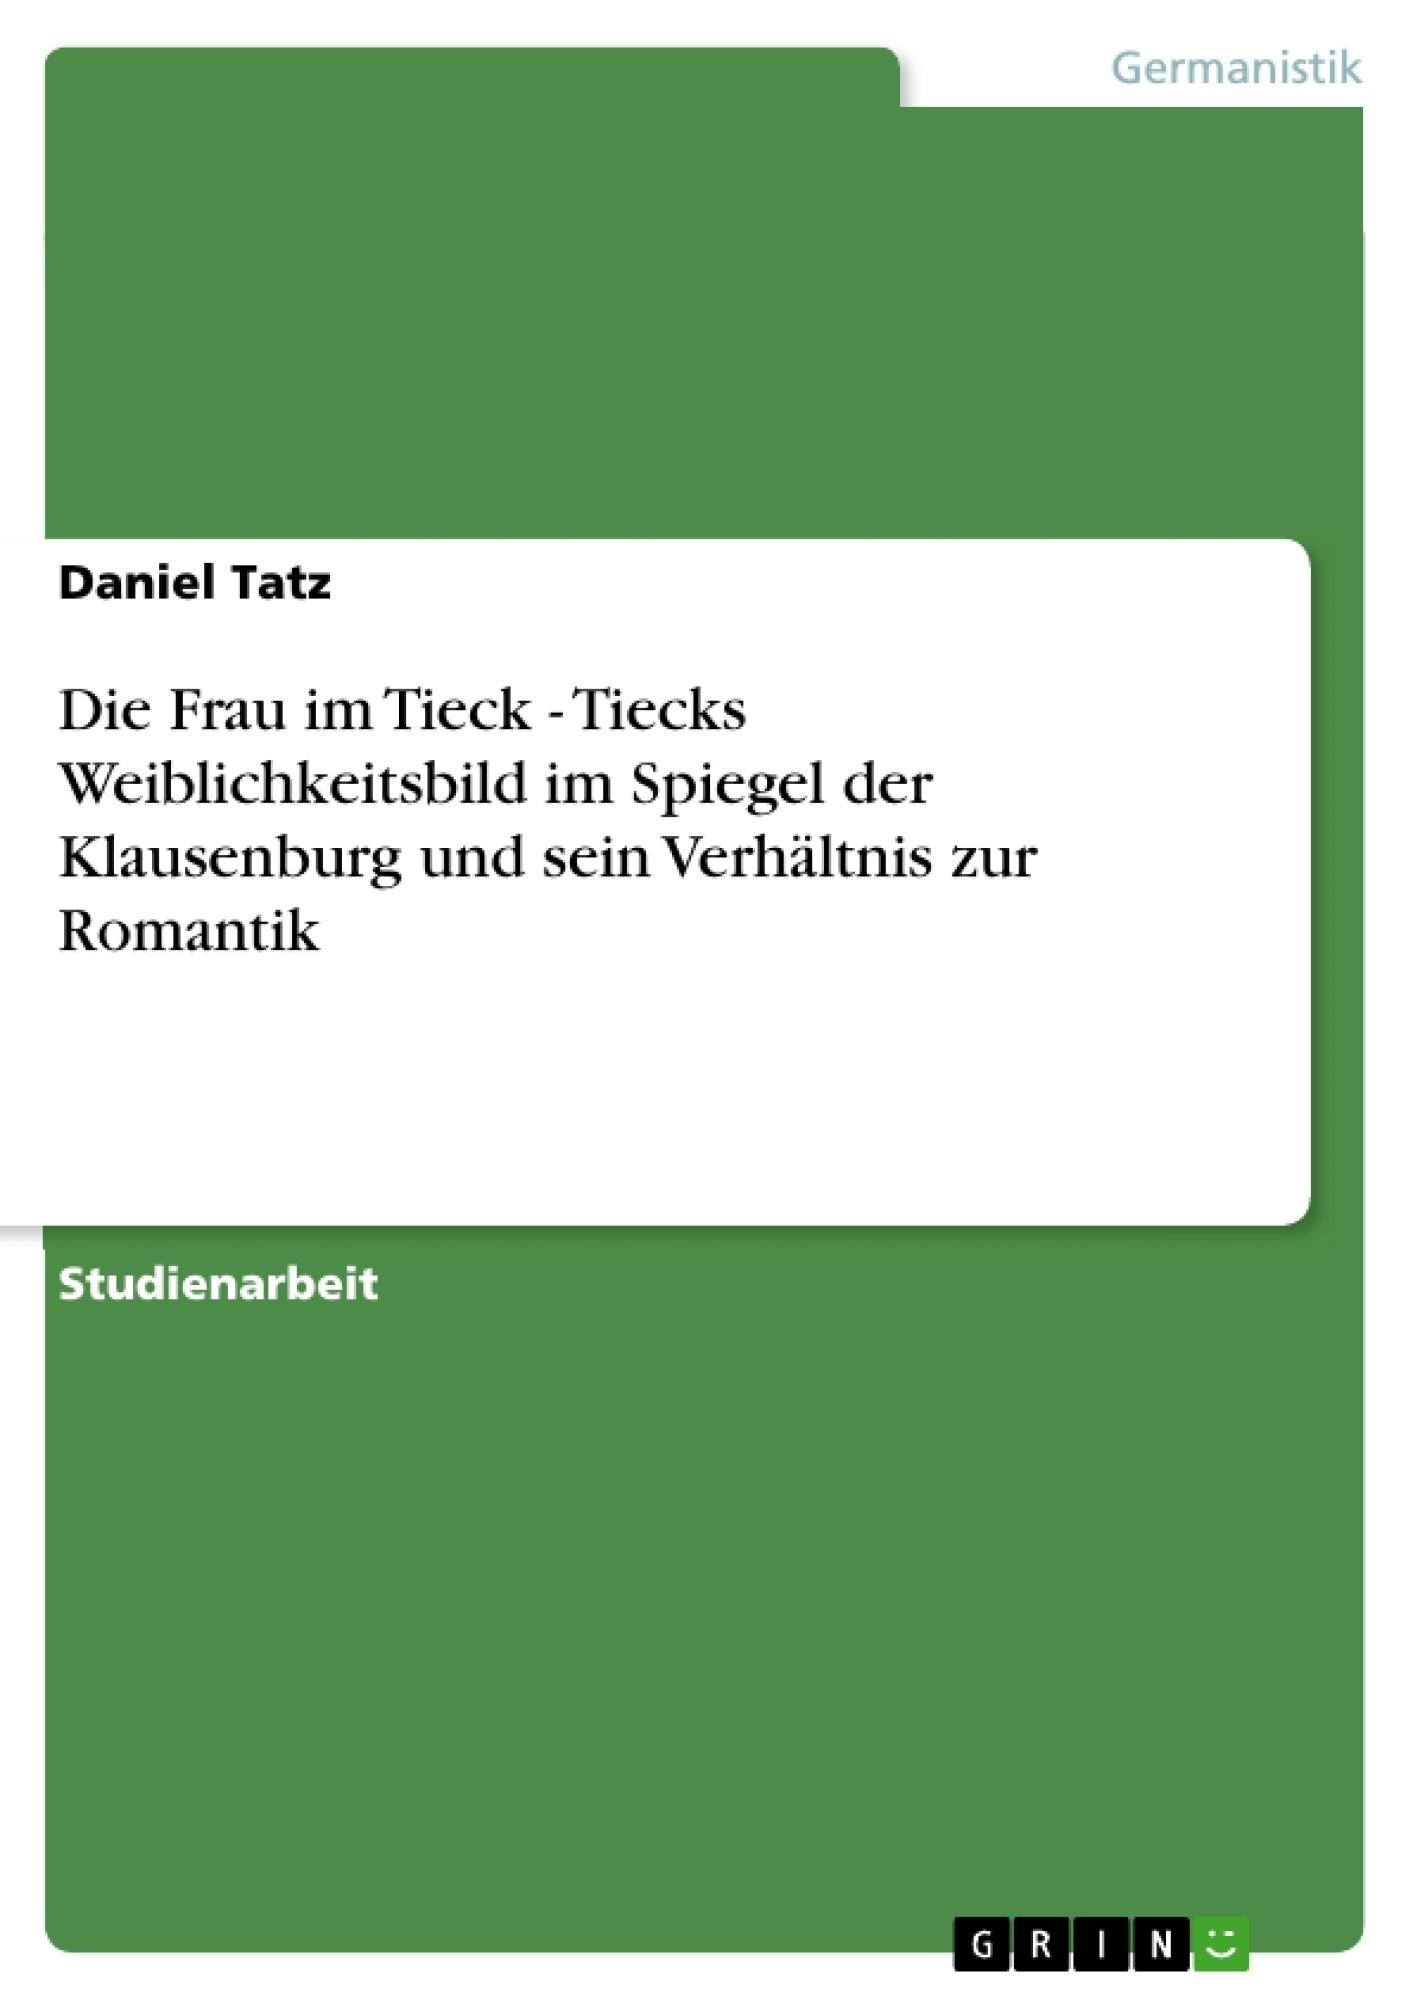 Titel: Die Frau im Tieck - Tiecks Weiblichkeitsbild im Spiegel der Klausenburg und sein Verhältnis zur Romantik